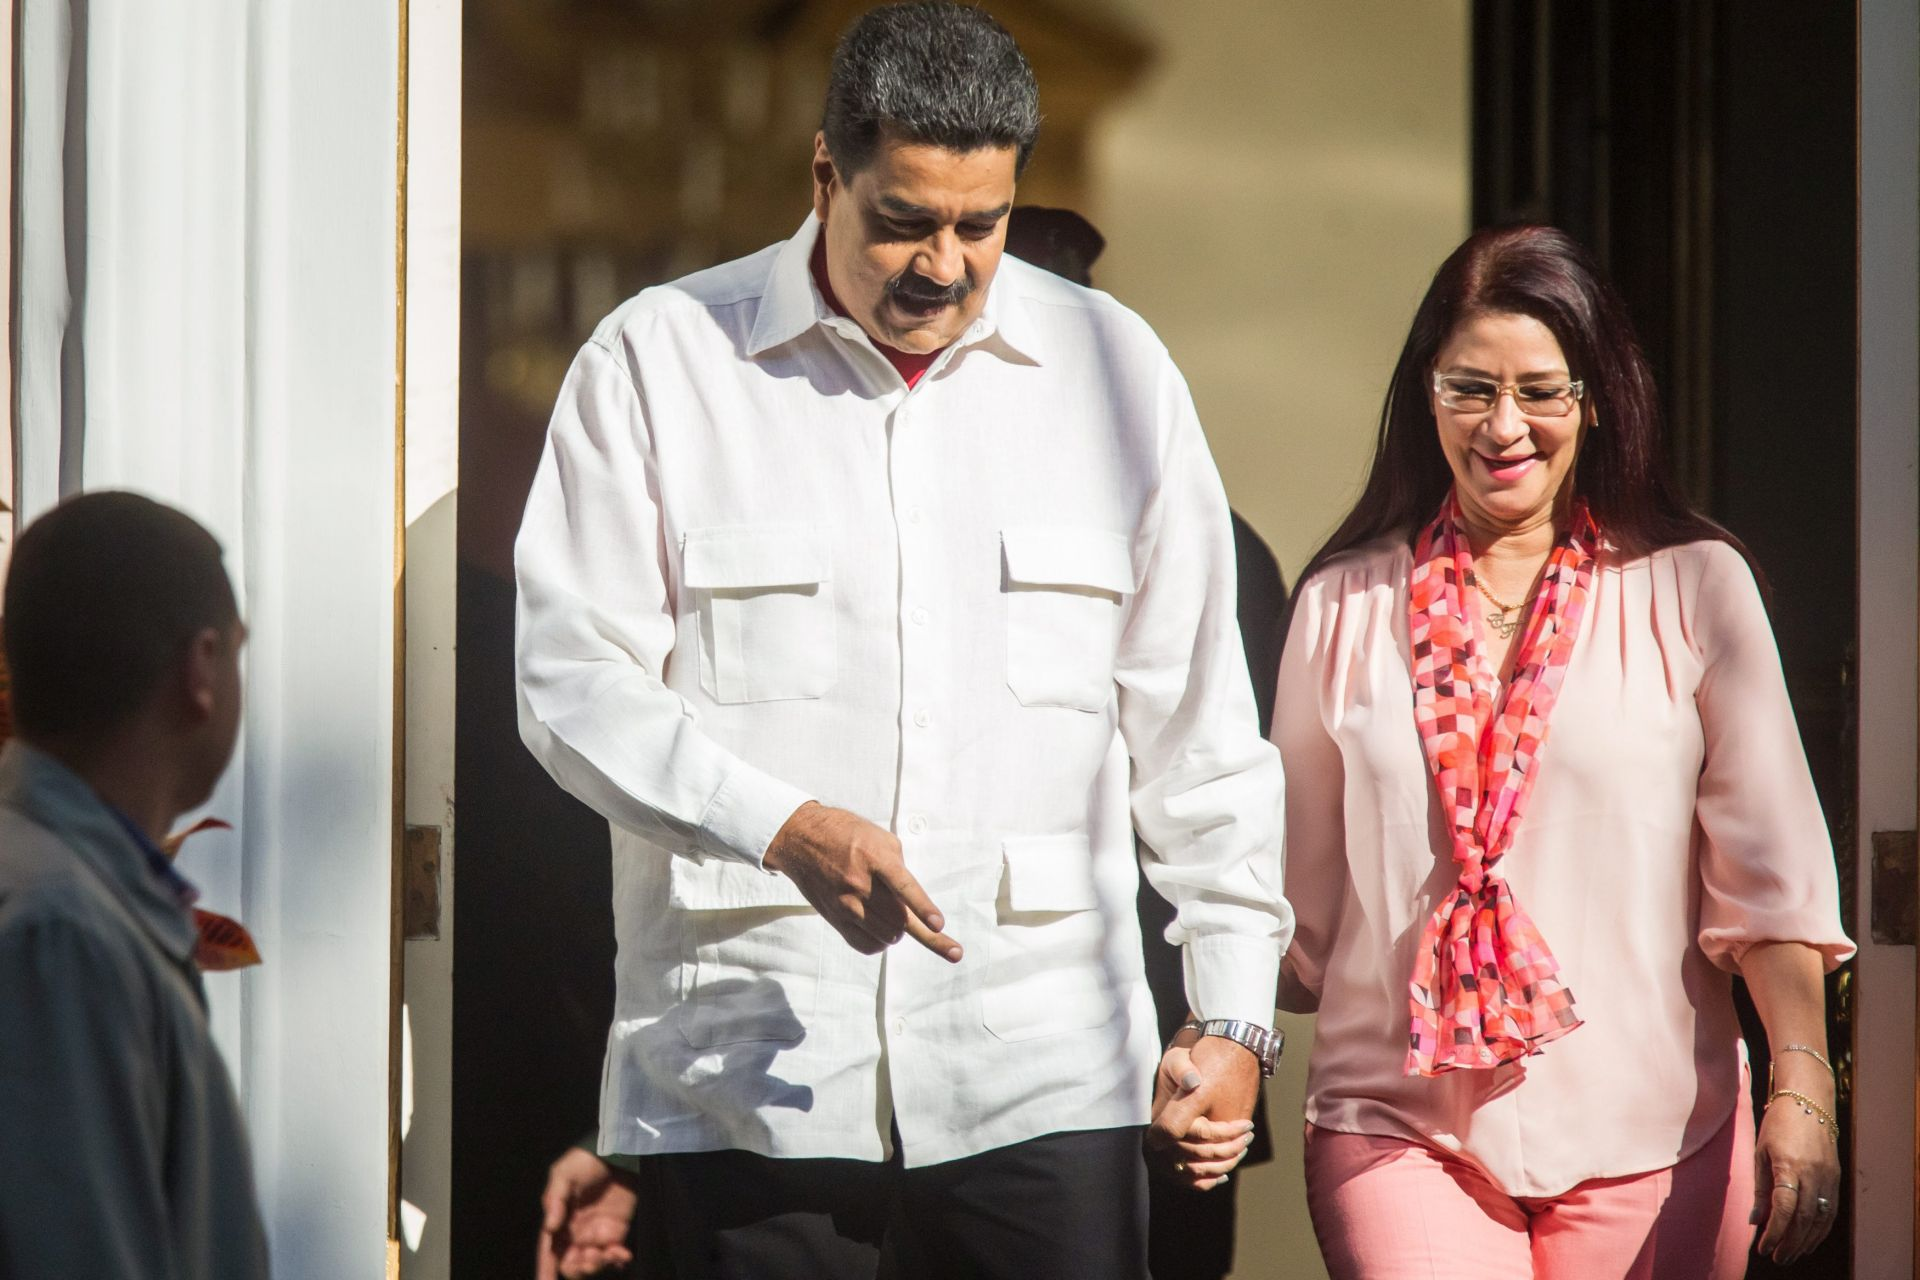 NAKON TRUMPOVIH IZJAVA Maduro naredio održavanje vojnih vježbi